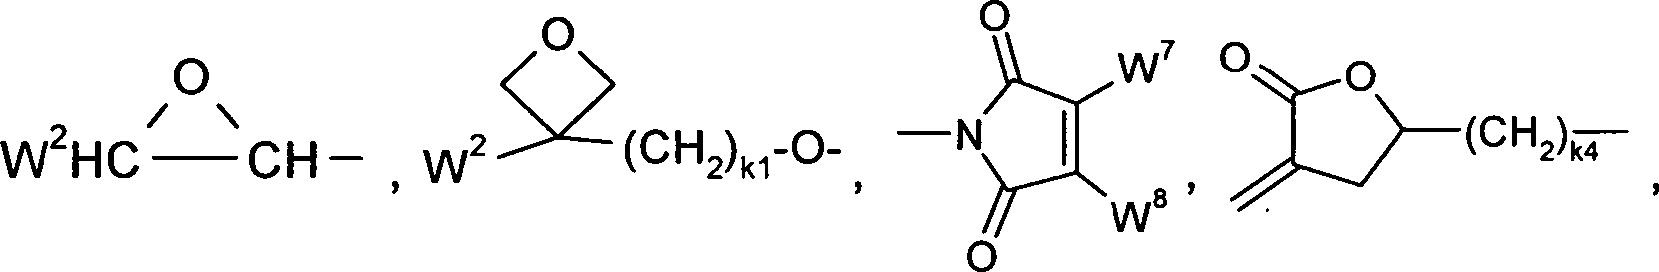 Figure DE102015008172A1_0028